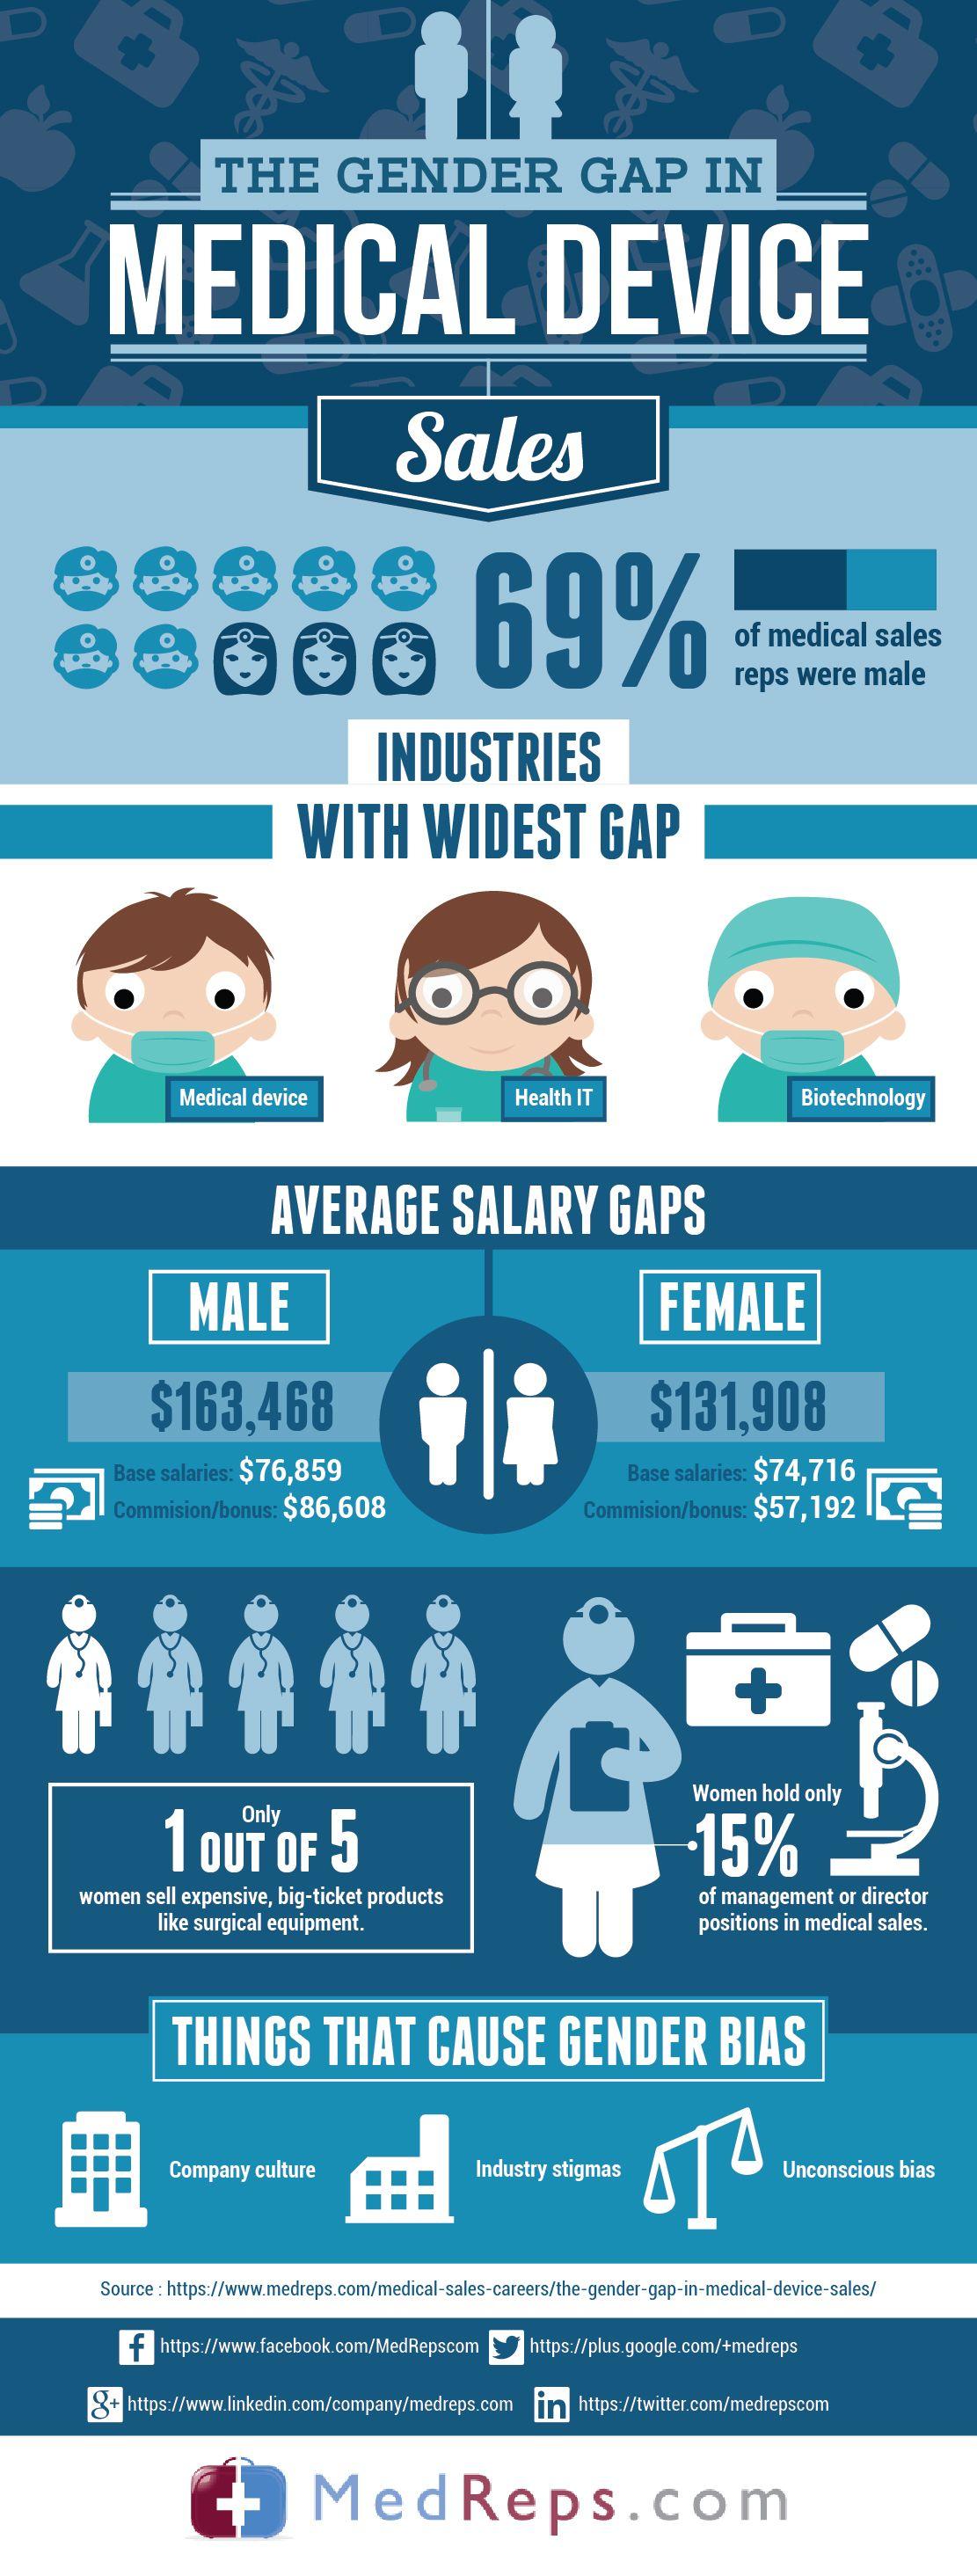 the gender gap in medical device sales  medicaldevice